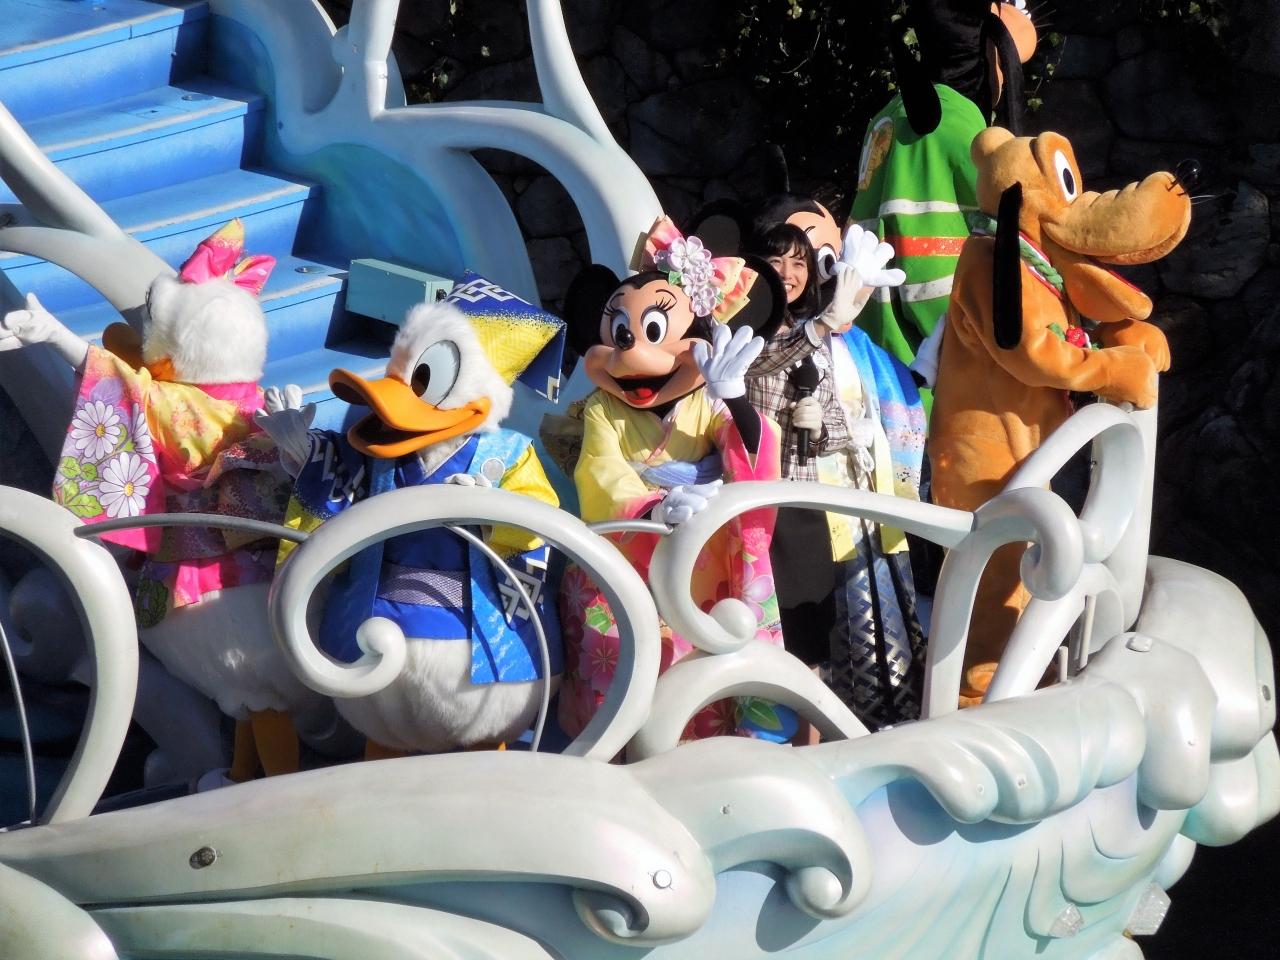 2017年元旦 ディズニーリゾートのお正月を堪能 大阪人 ①はじまり